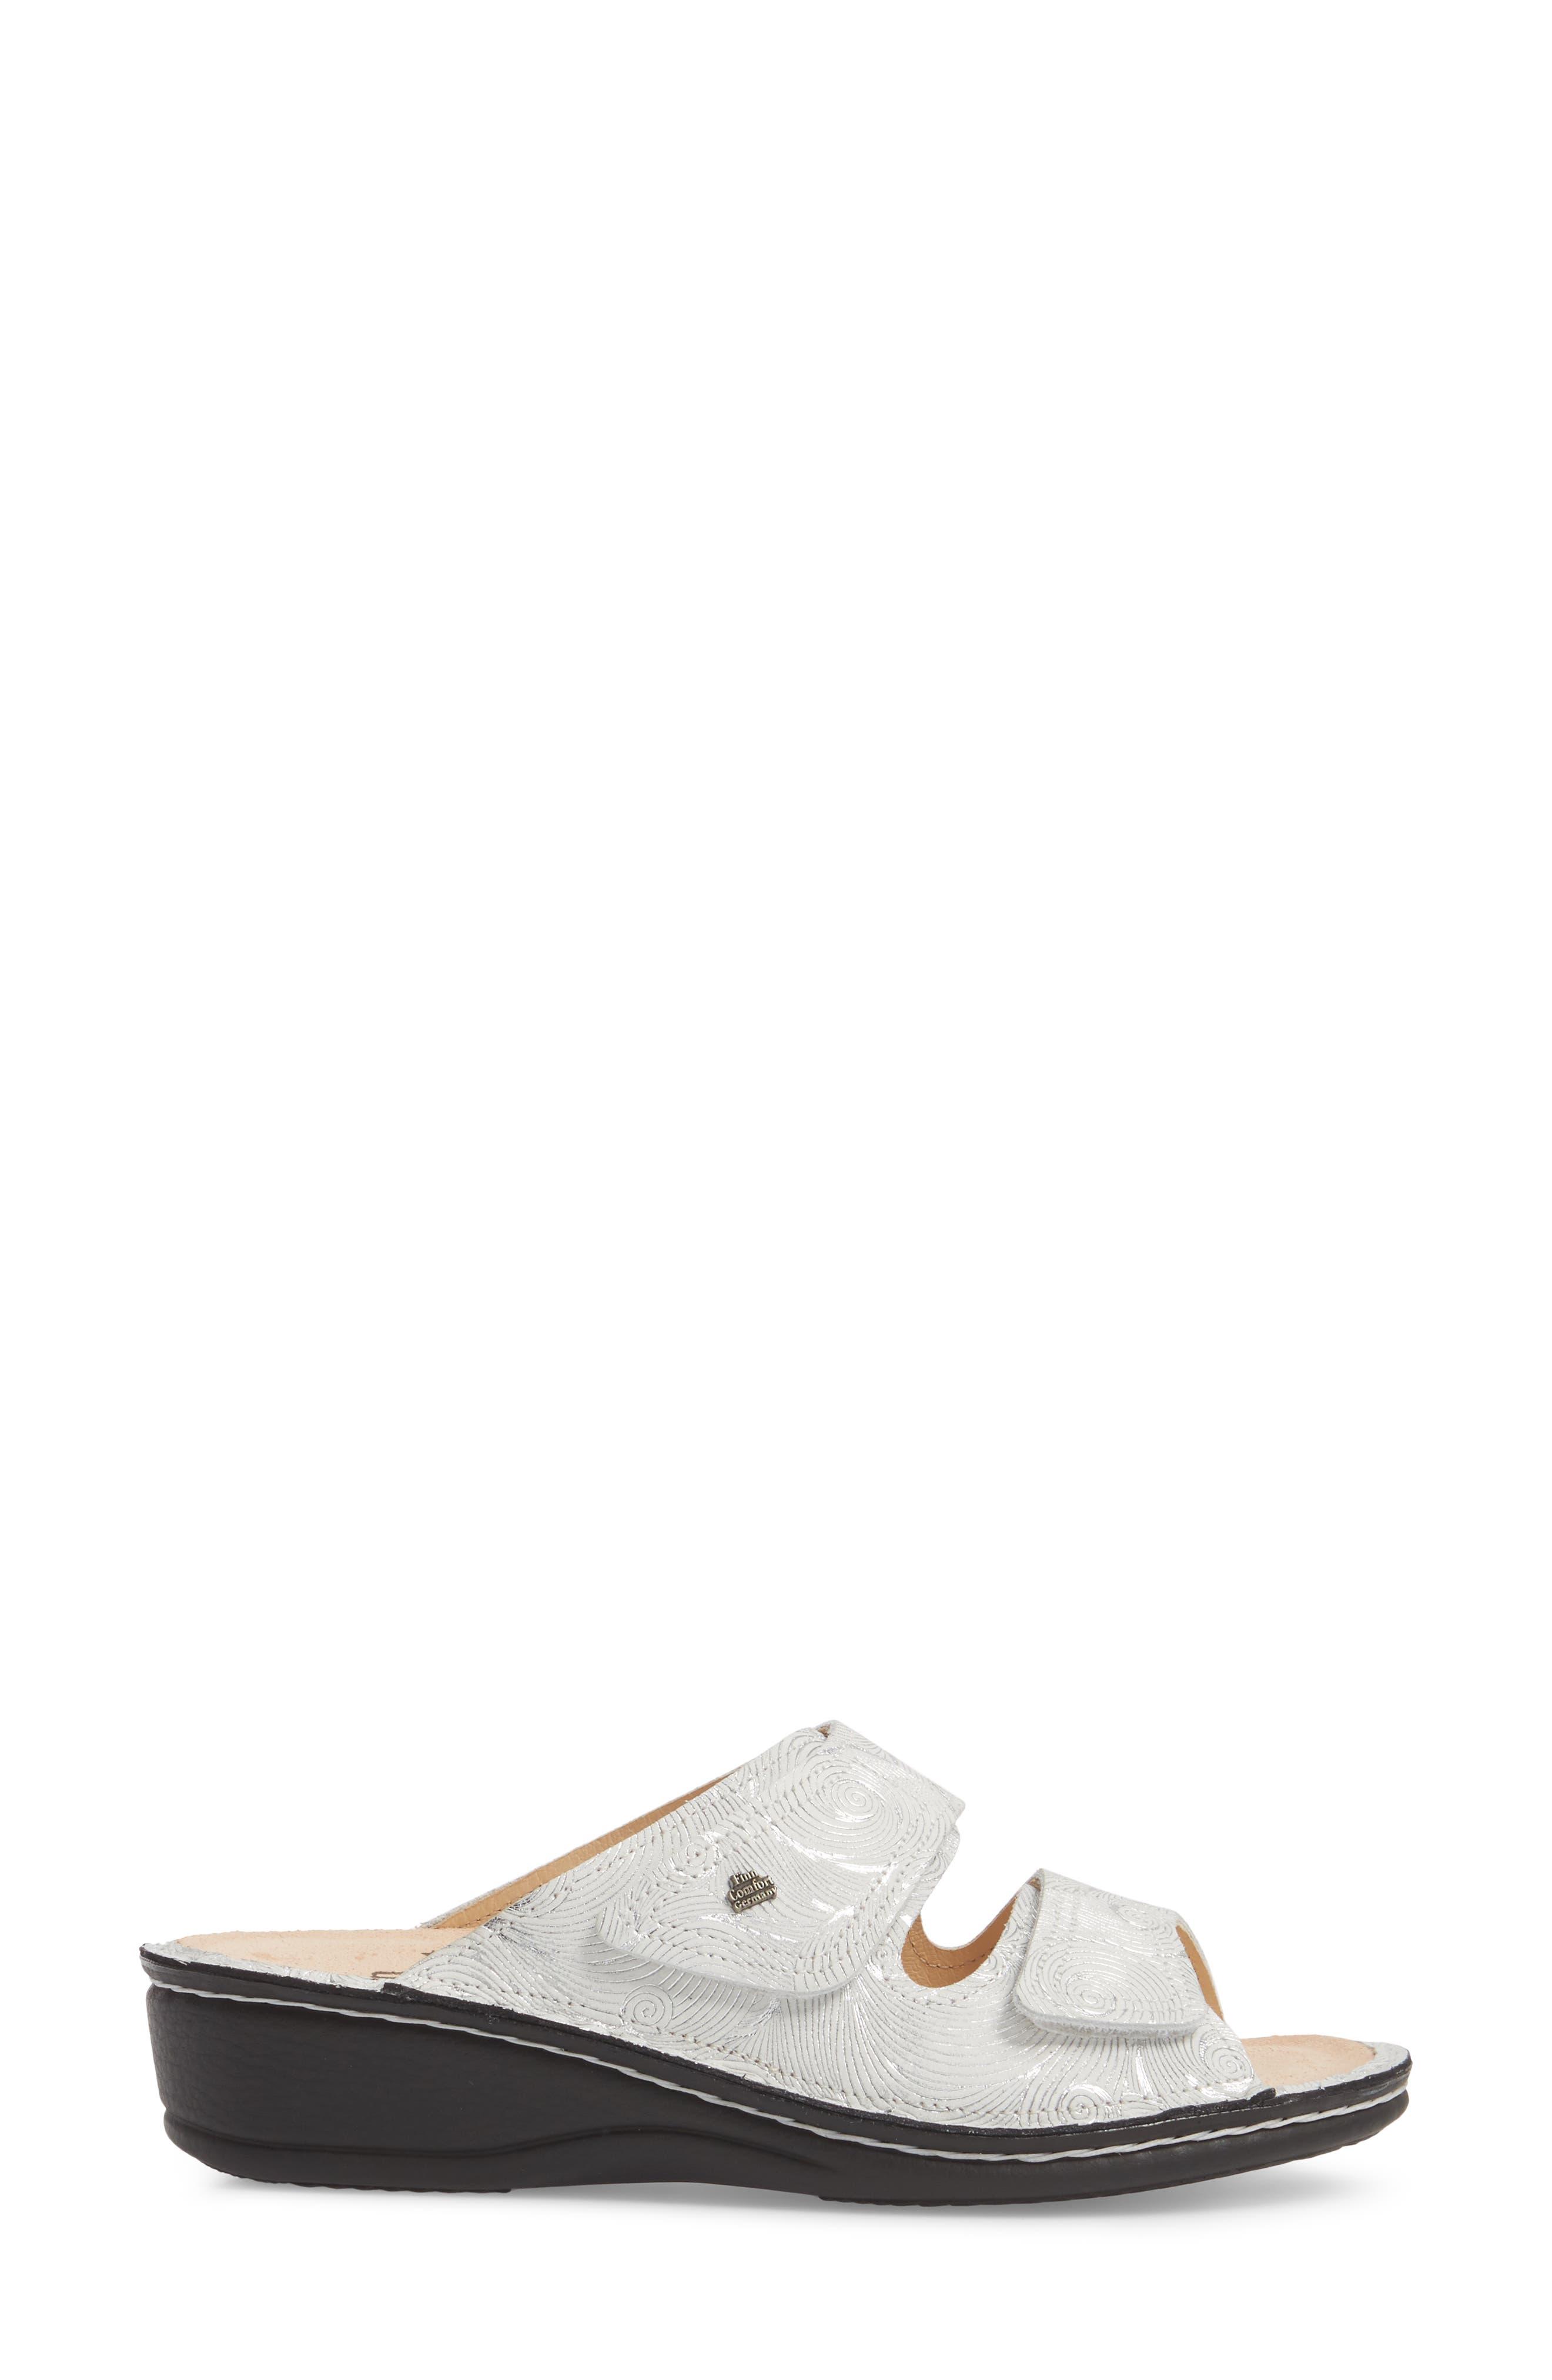 FINN COMFORT,                             'Jamaica' Sandal,                             Alternate thumbnail 3, color,                             100